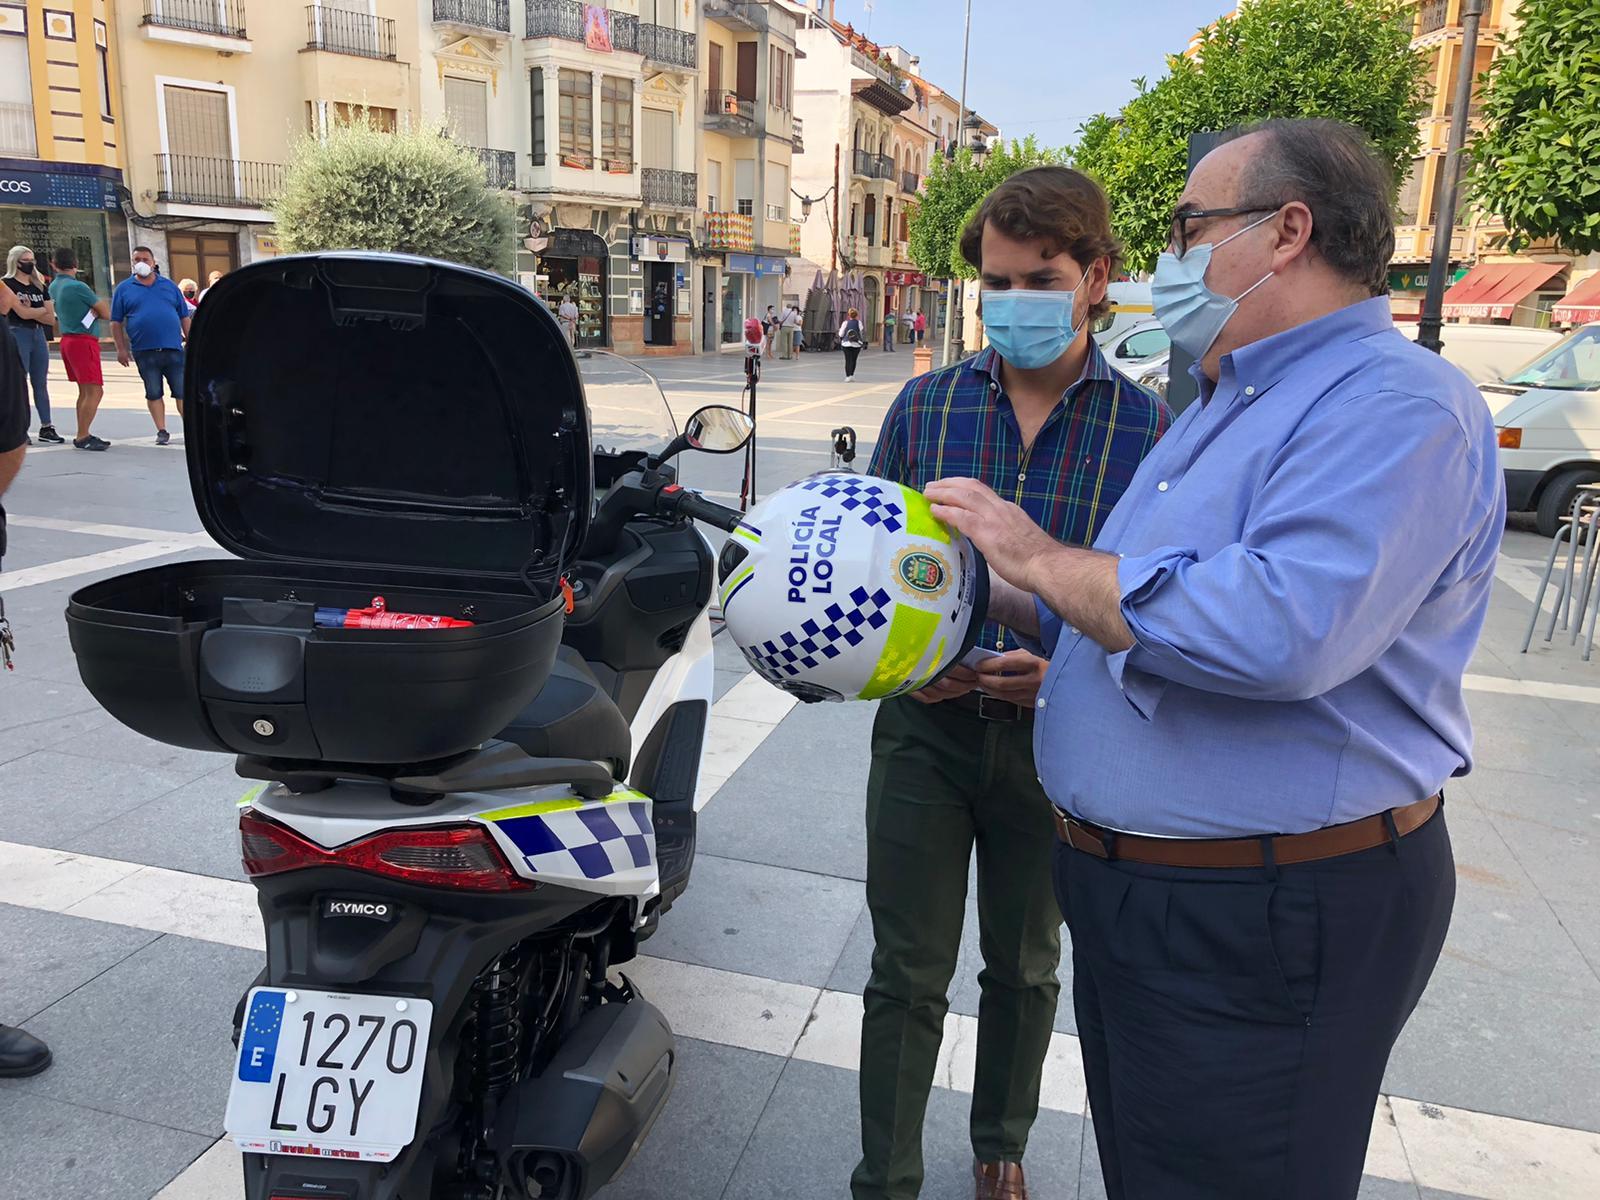 El Ayuntamiento de Cabra adquiere dos motocicletas para la Policía Local con una inversión de 12.000 euros